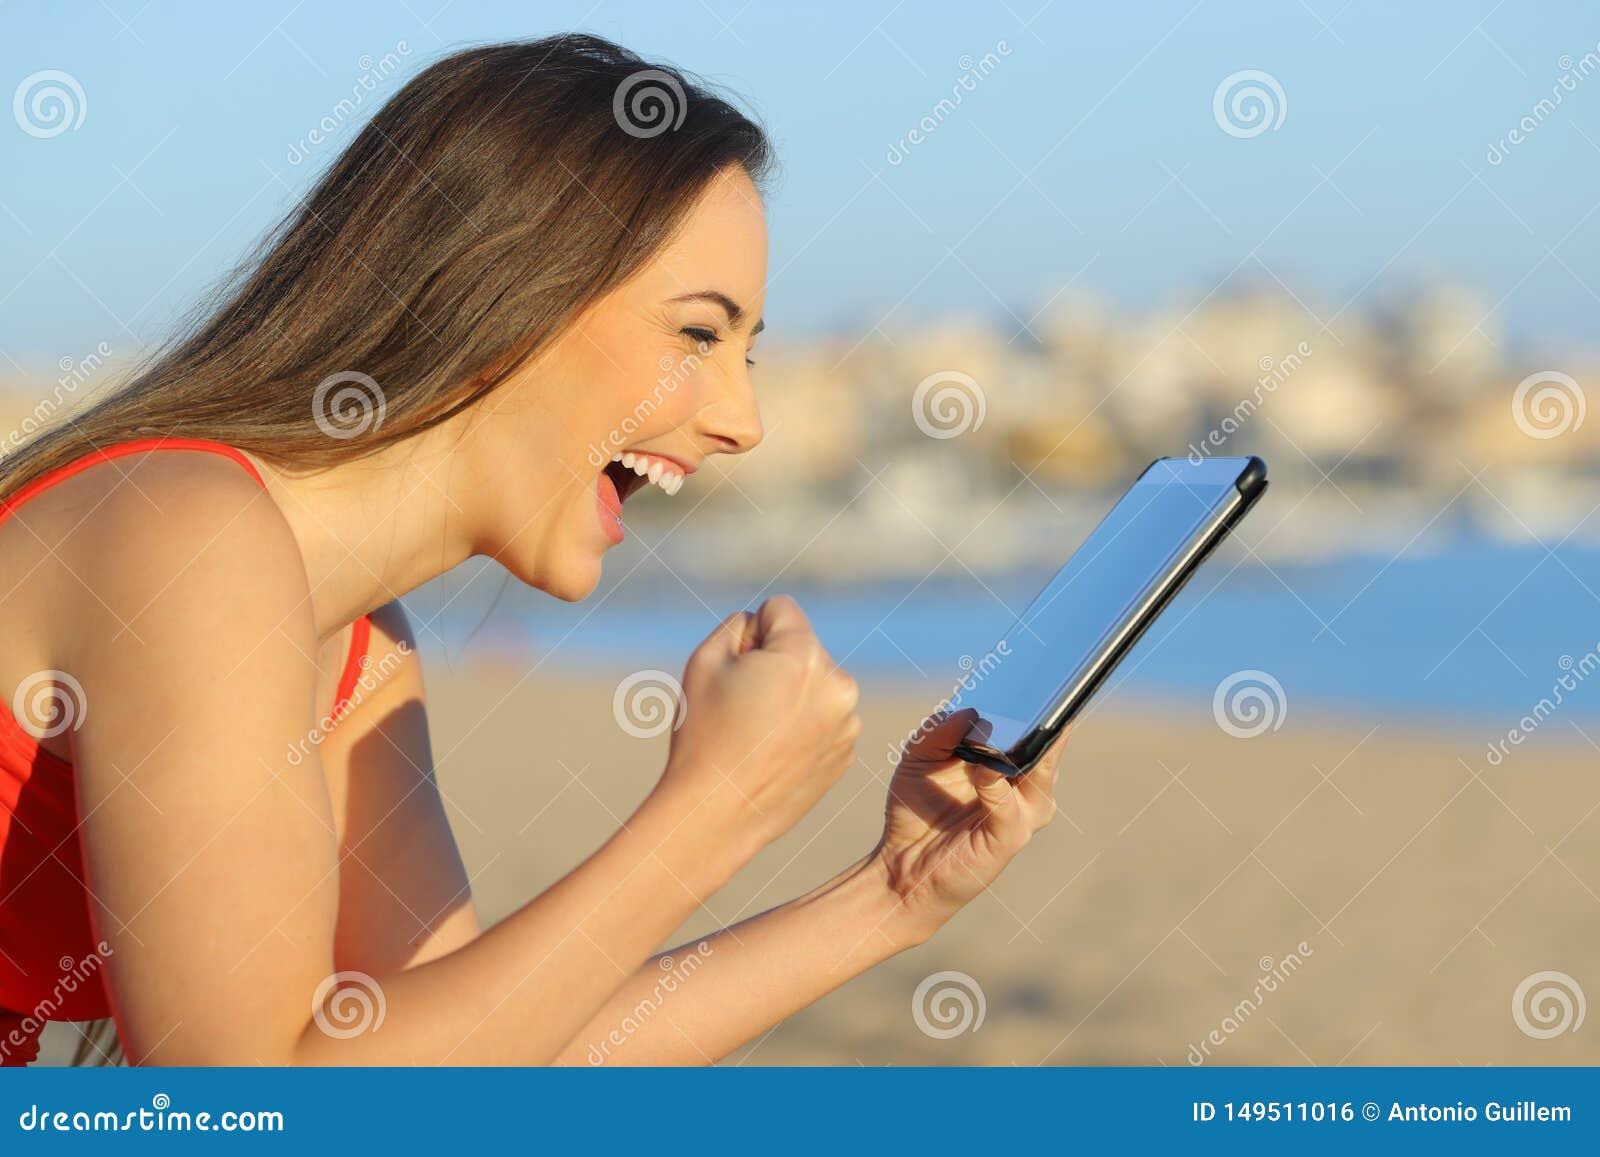 Возбужденное предназначенное для подростков находя чудесное содержание на планшете